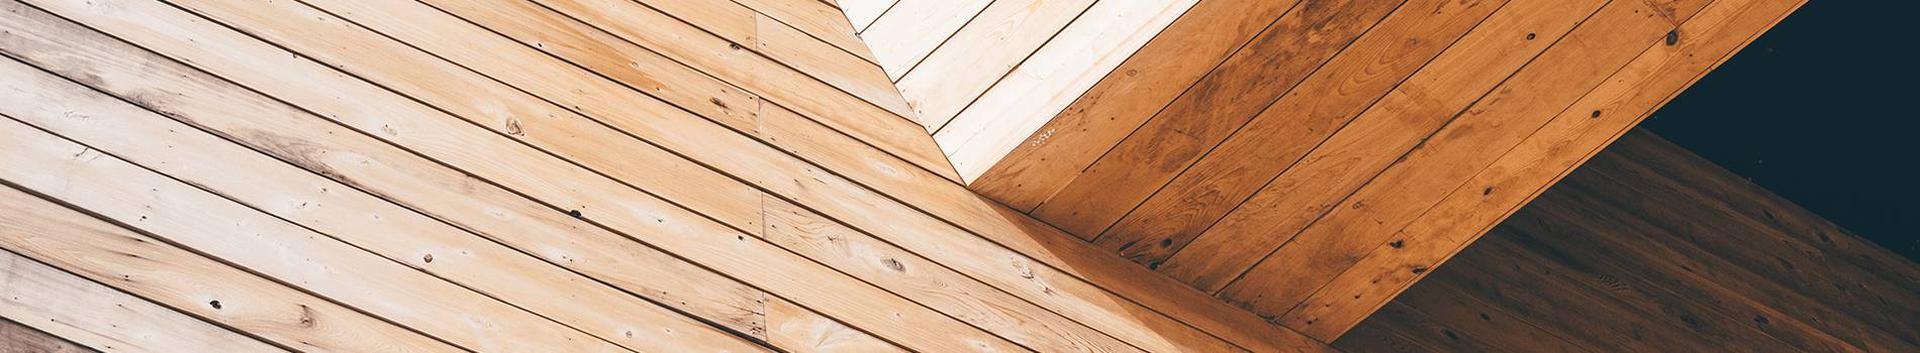 puidu- ja paberitööstus, puidutööstus, saeveskid, puidupooltooted, puit (töödeldud), üldehitus